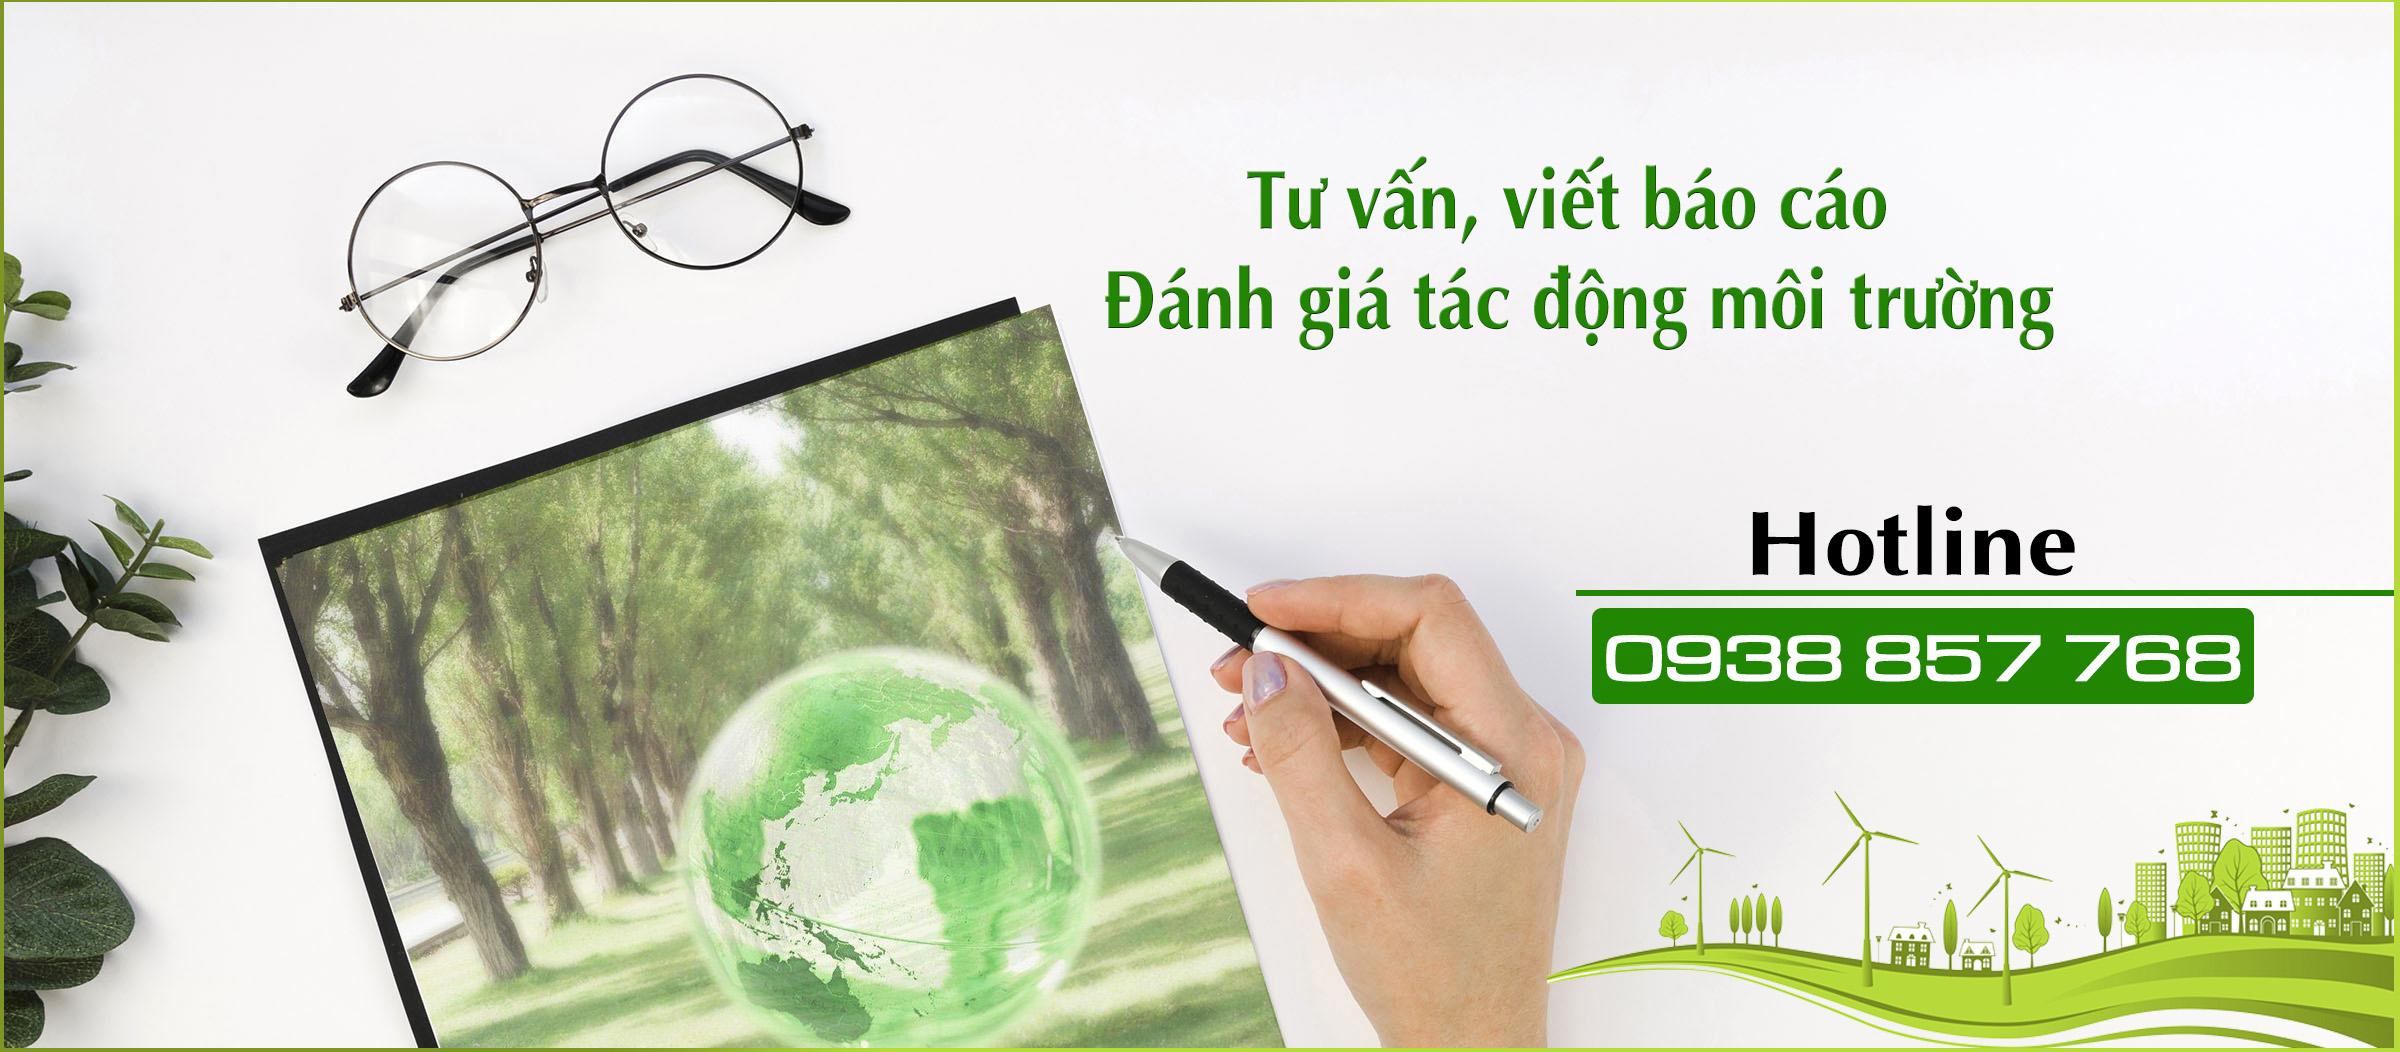 Tư vấn lập báo cáo đánh giá tác động môi trường